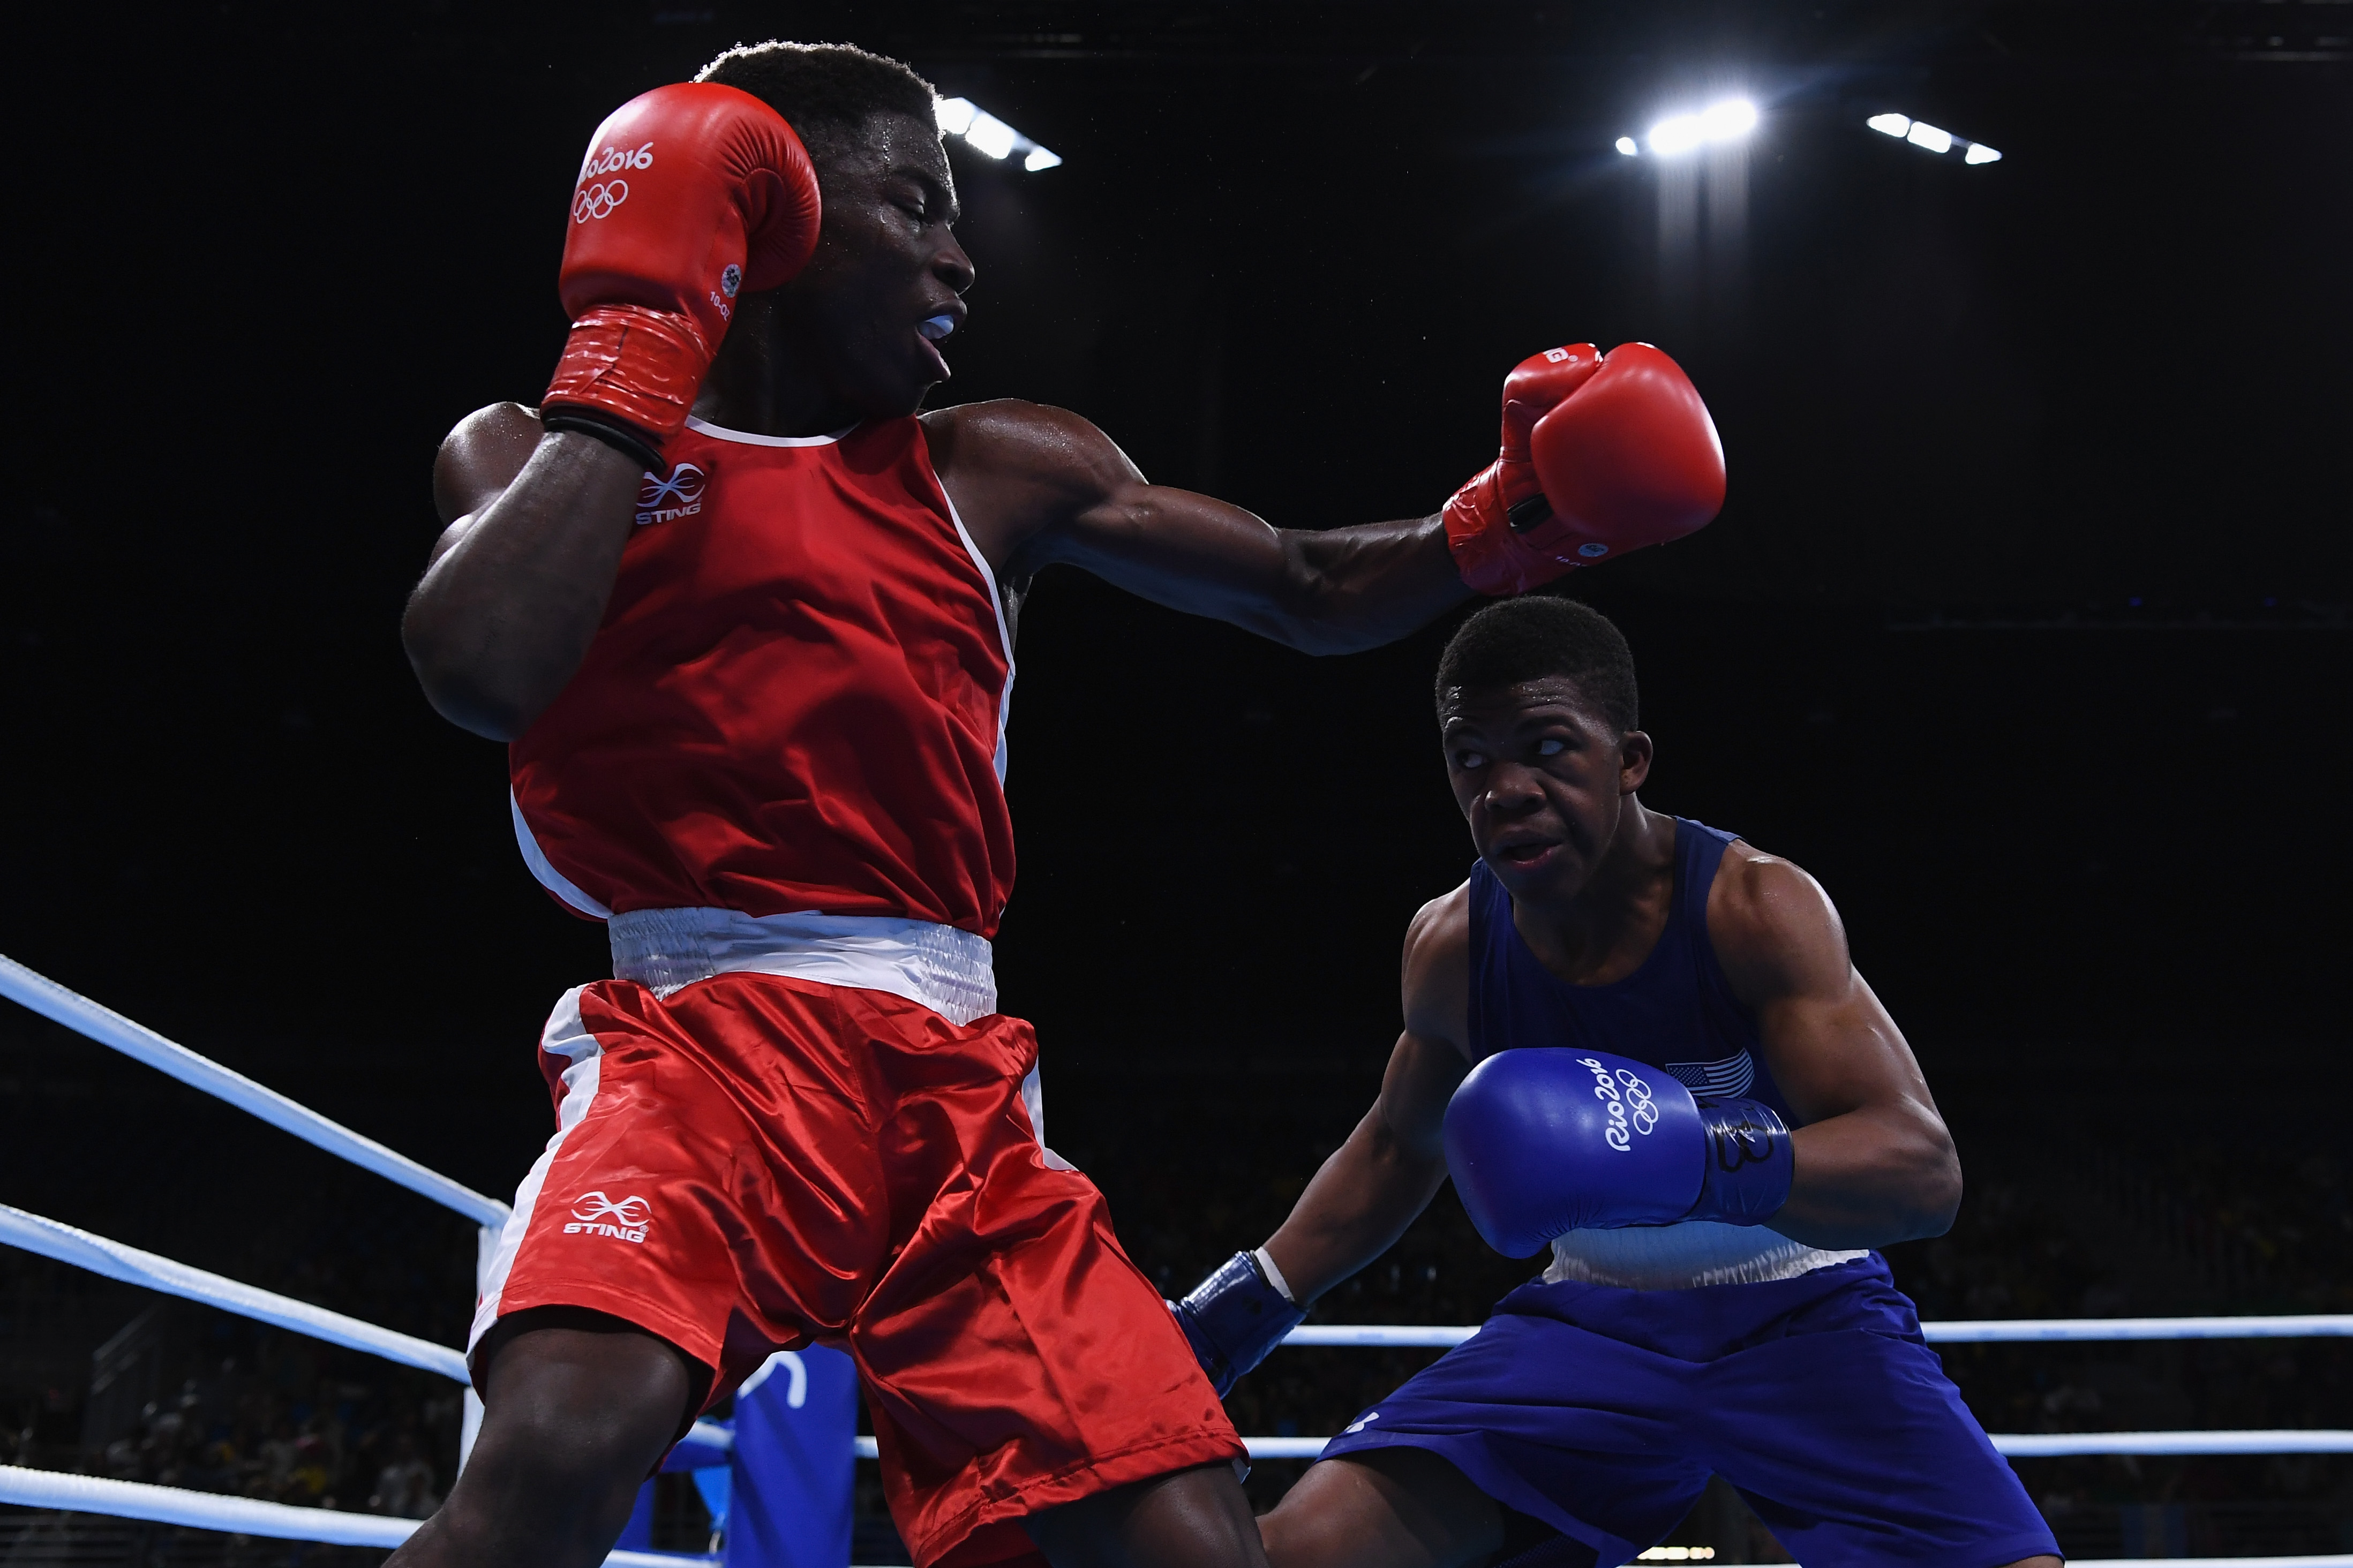 Amateur boxing partner pics britnwy